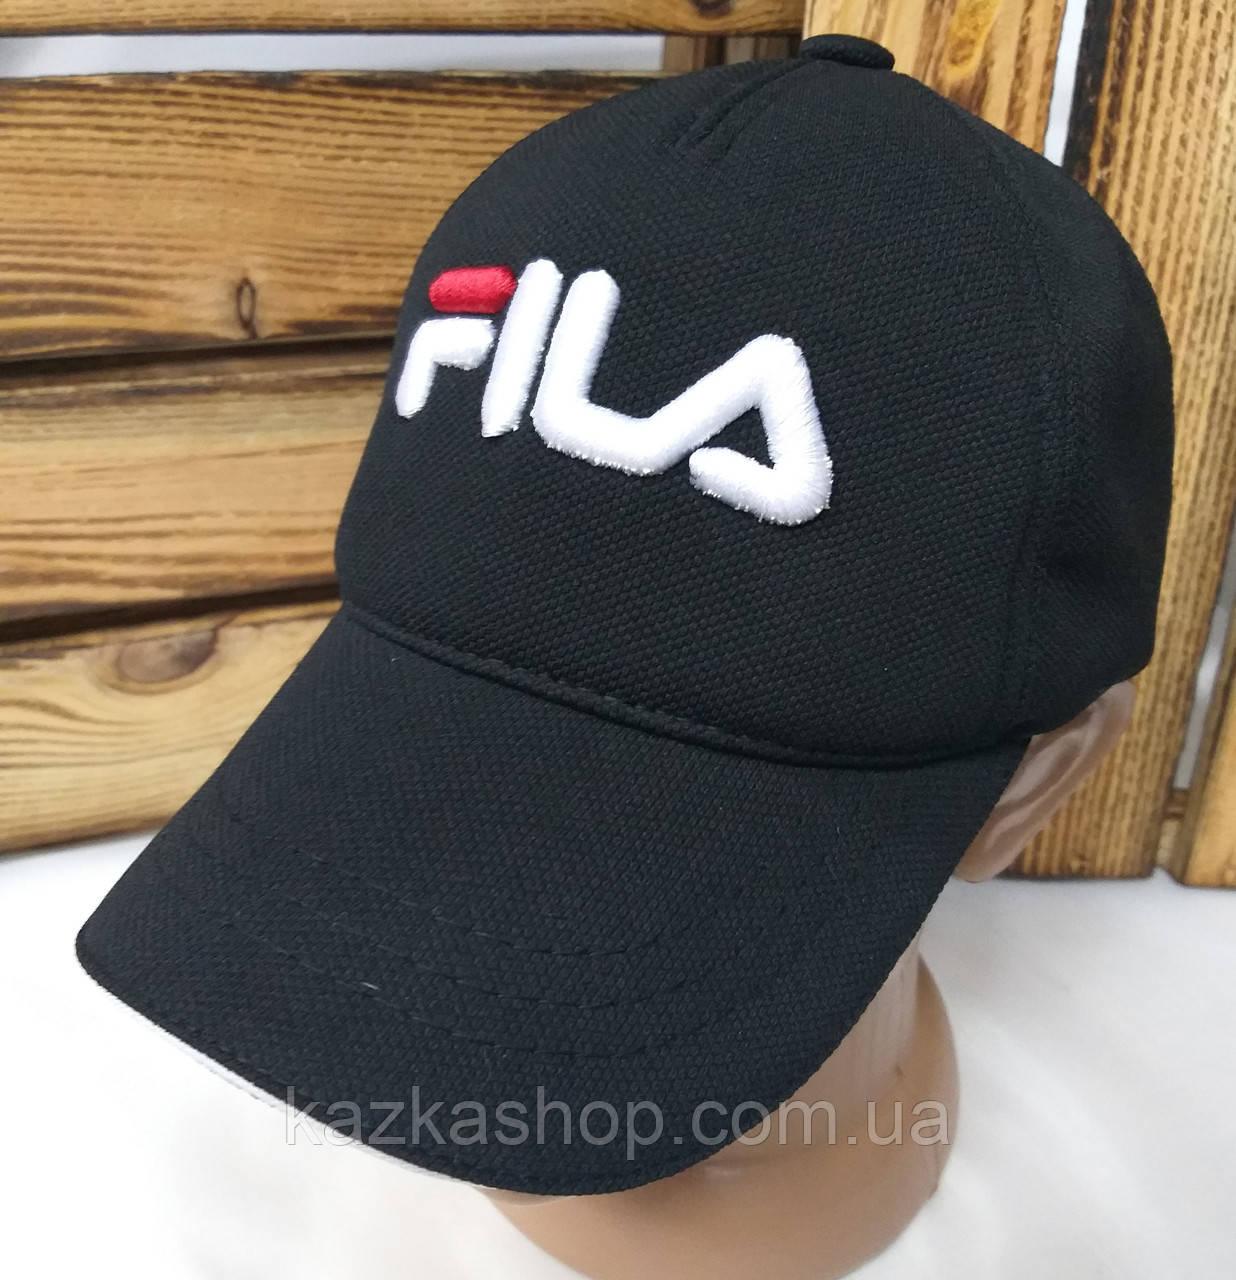 """Мужская кепка в стиле """"Fila"""" (копия) черного цвета, лакоста, сезон весна-лето, большая вышивка, на регуляторе"""